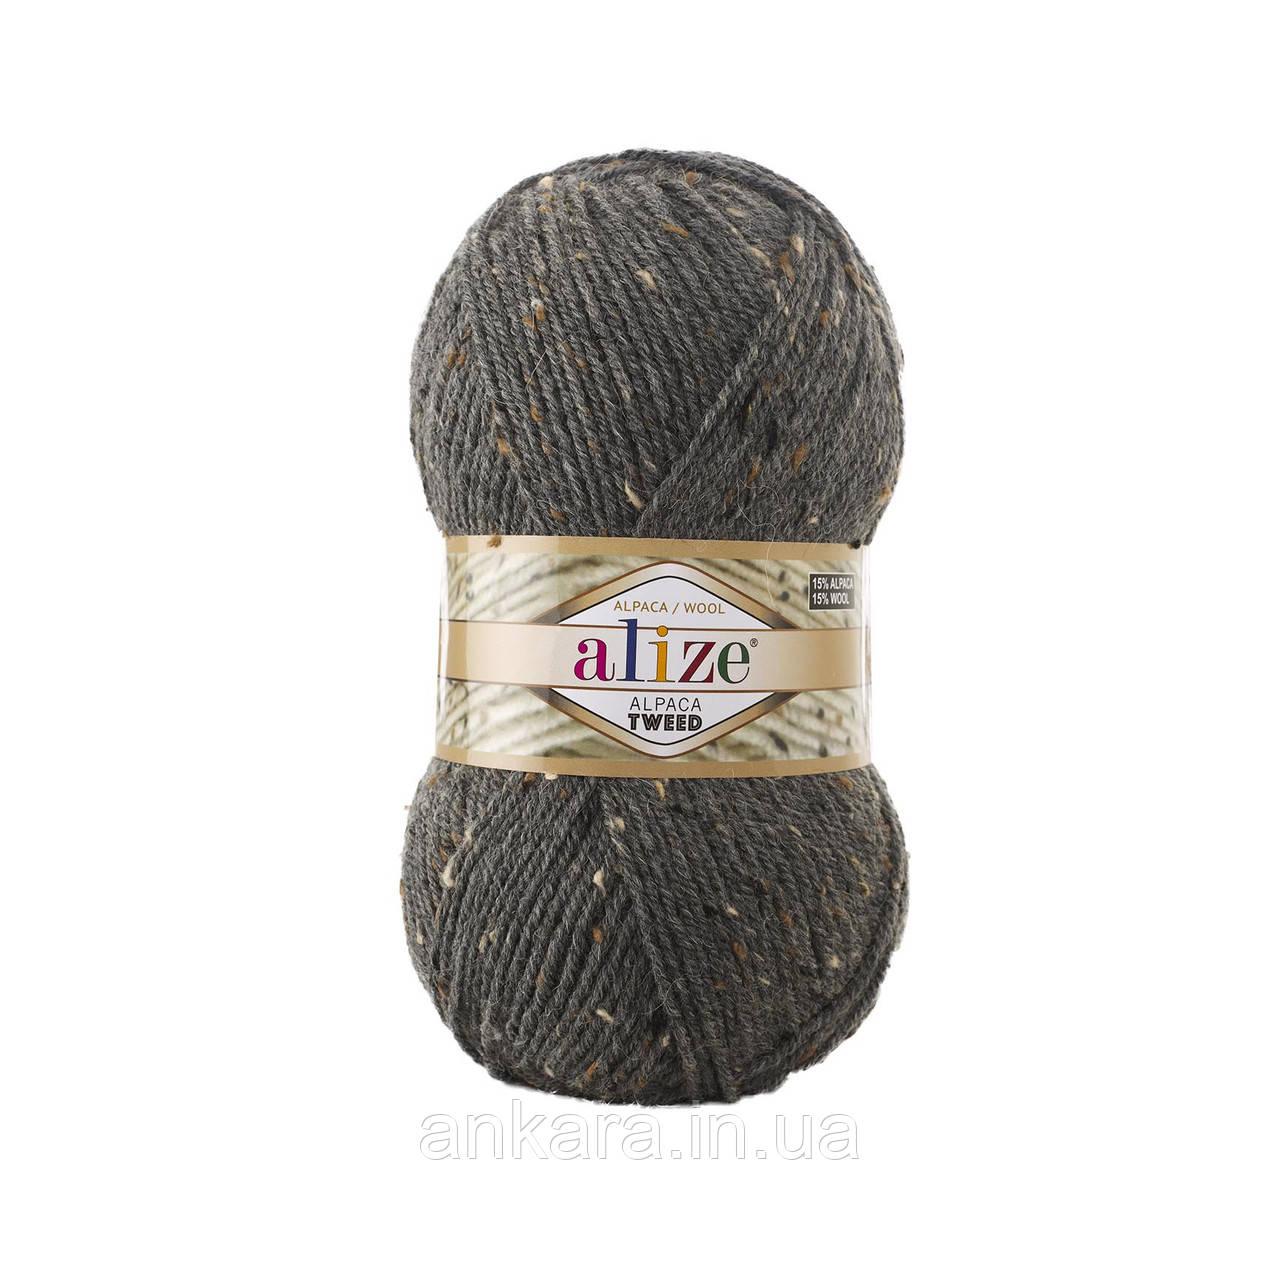 Alize Alpaca Tweed 196